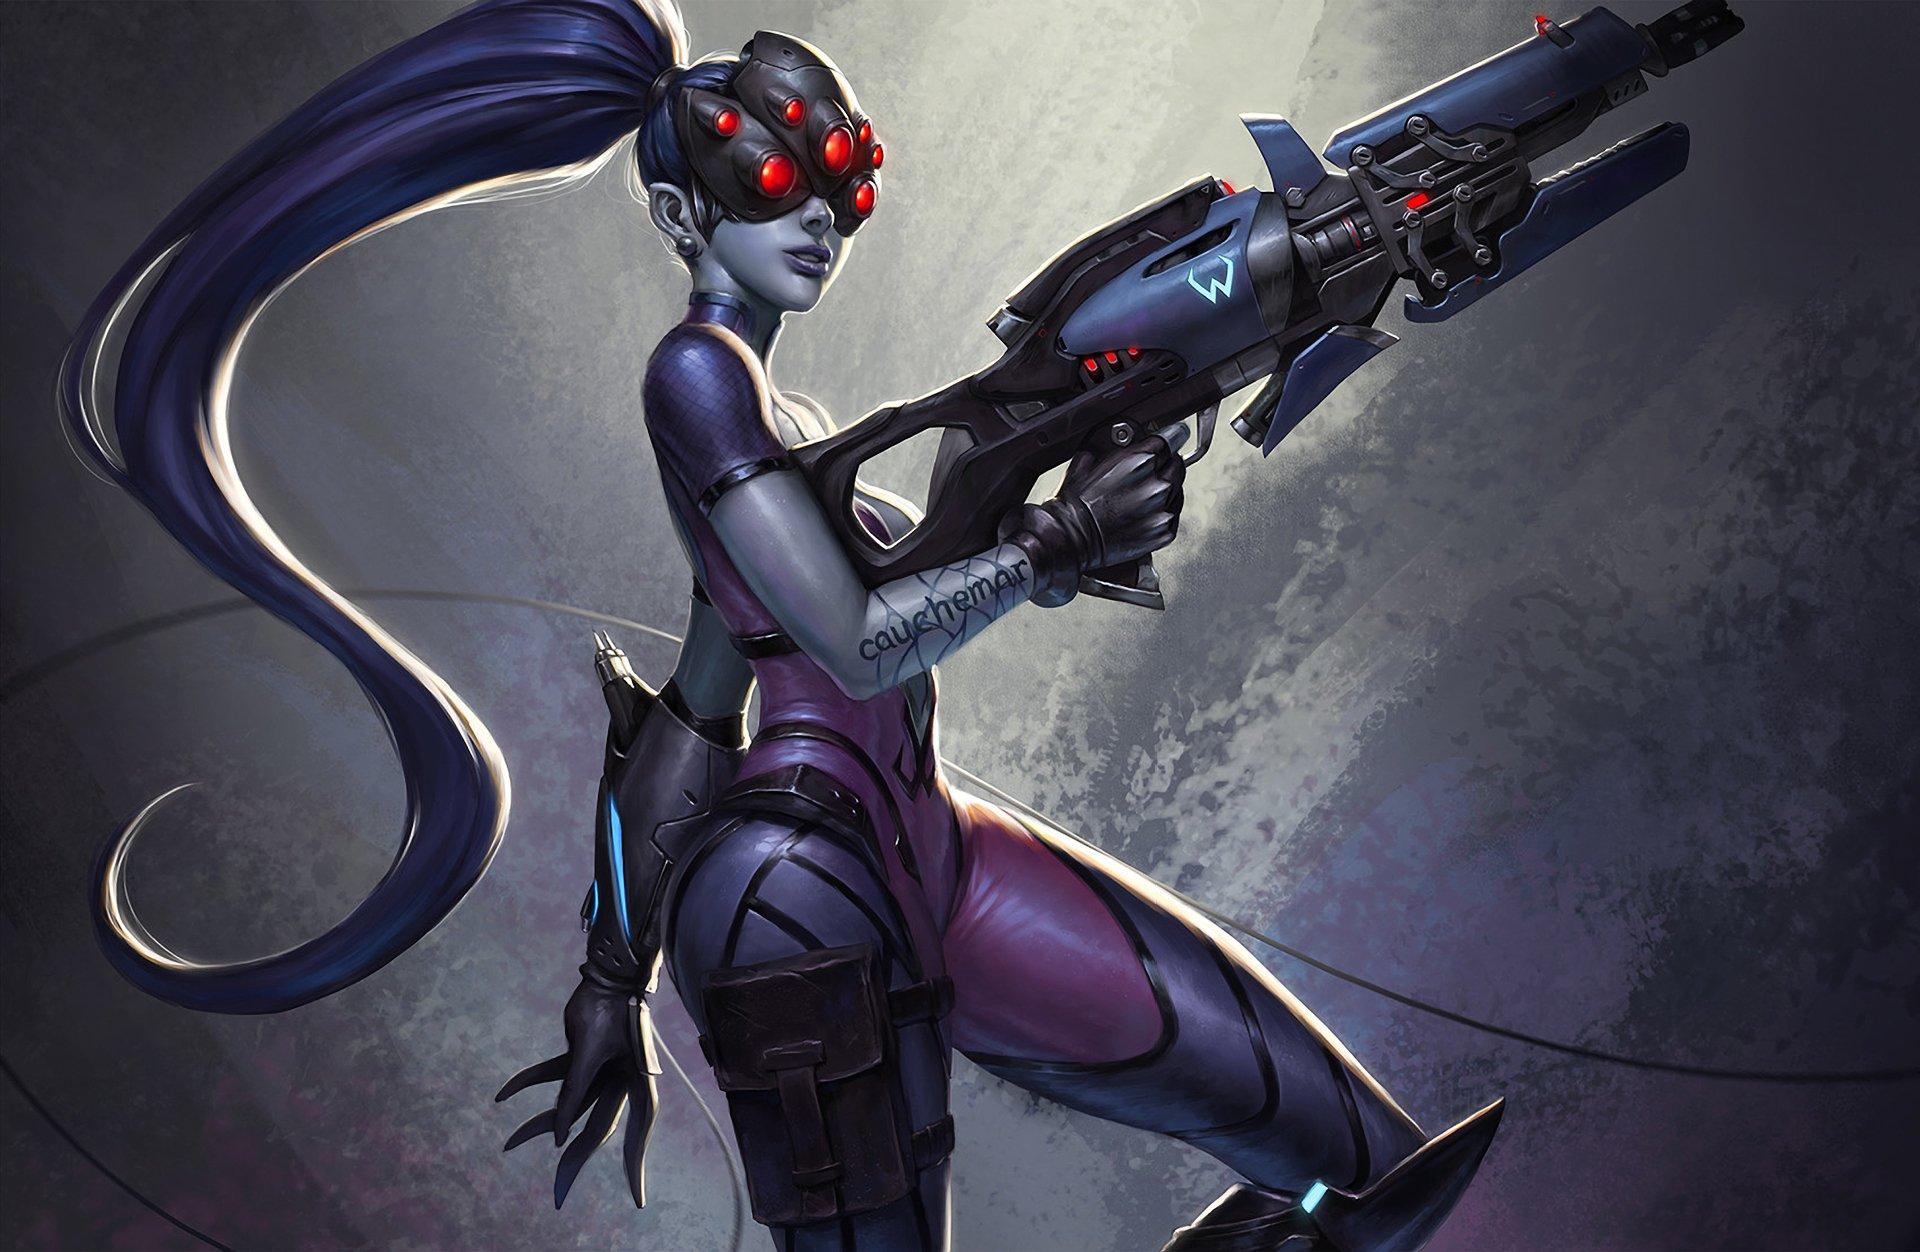 Video Game - Overwatch  Widowmaker (Overwatch) Wallpaper